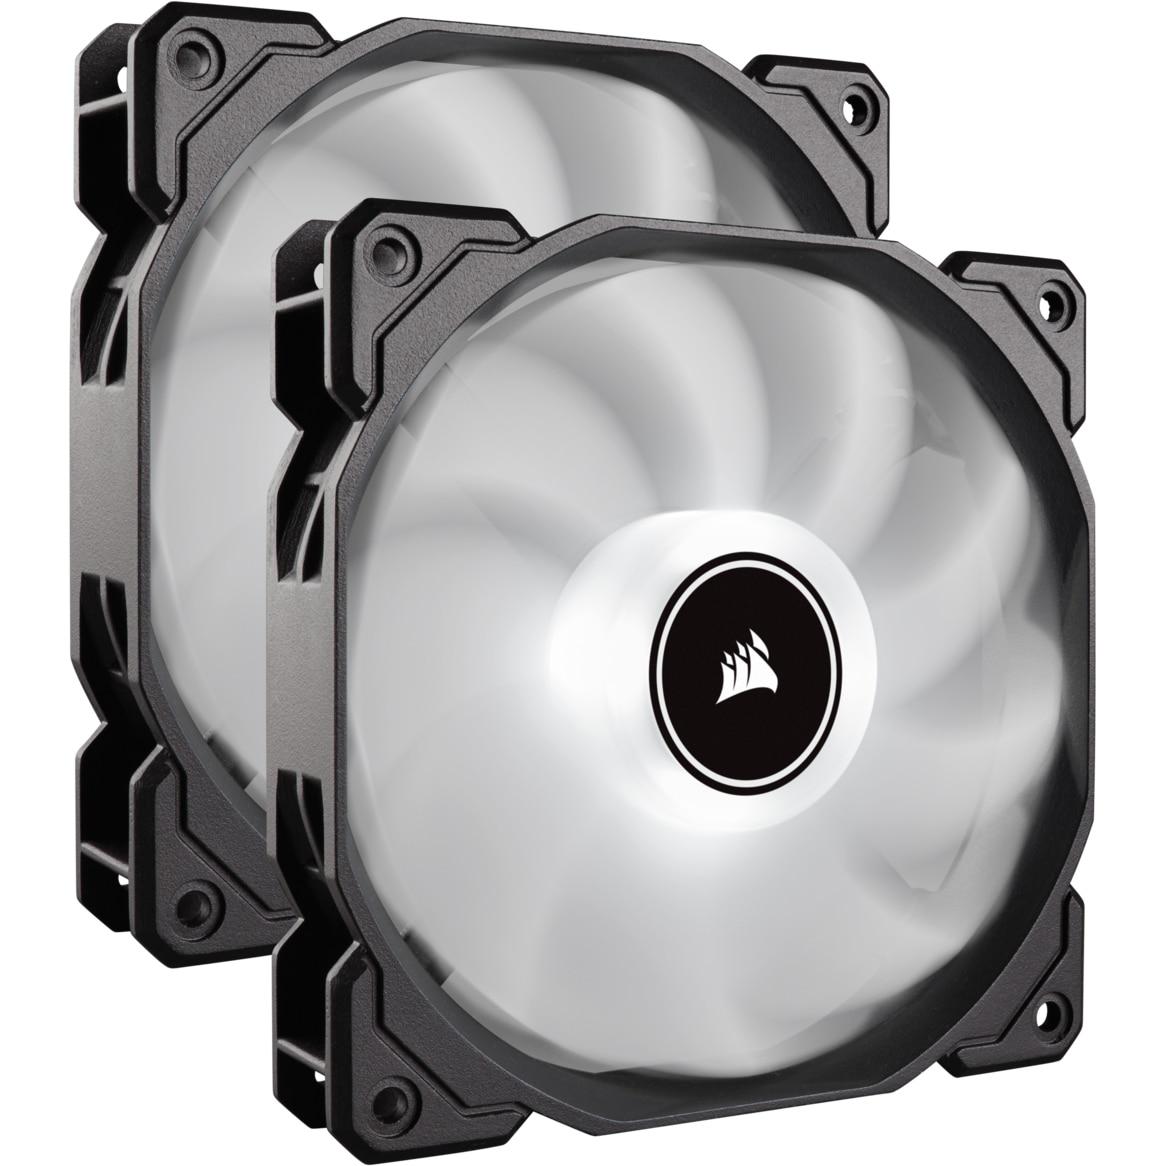 Fotografie Ventilator PC Corsair AF140 LED Low Noise Cooling Fan, 1200 RPM, Dual Pack - White